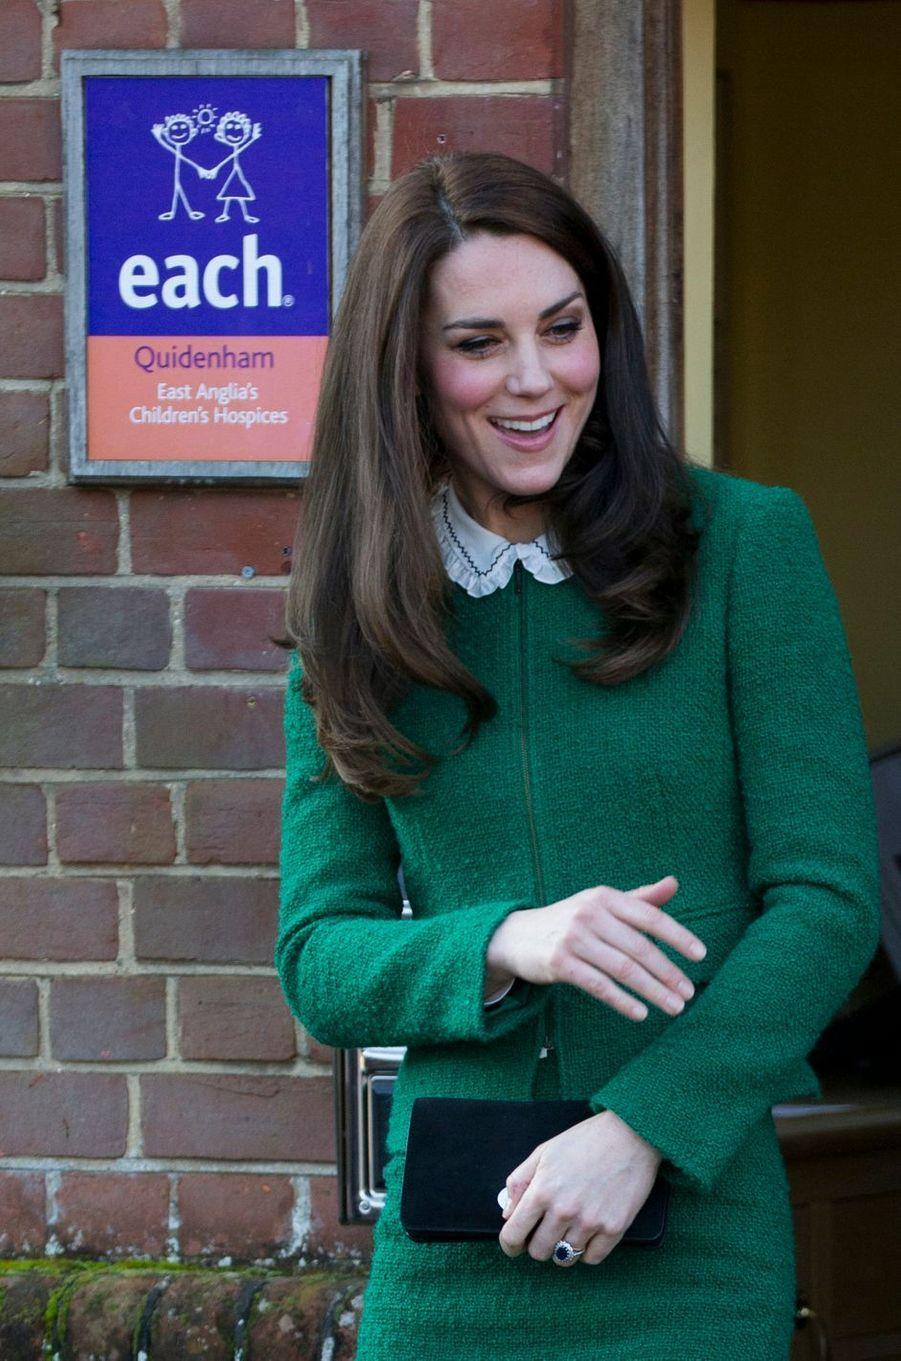 La duchesse de Cambridge, née Kate Middleton, à Quidenham le 24 janvier 2017